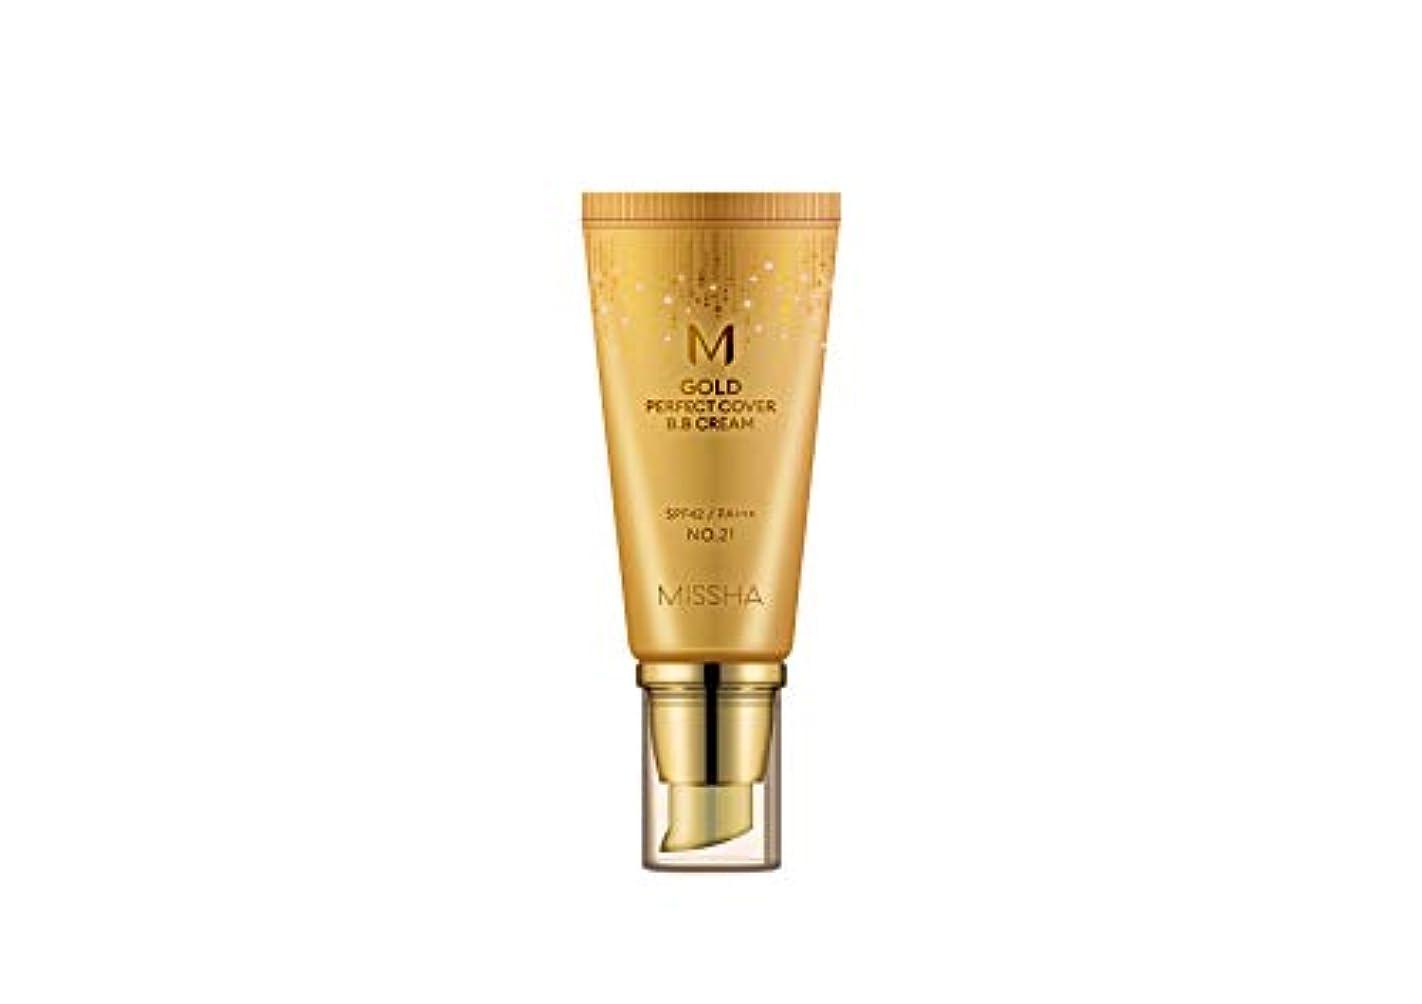 優勢批判的にアコー【ミシャ.missha] MゴールドパーフェクトカバーBBクリーム(#21,50ML)ナチュラルベージュ)SPF42/ PA+++/ M GOLD PERFECT COVER BB CREAM